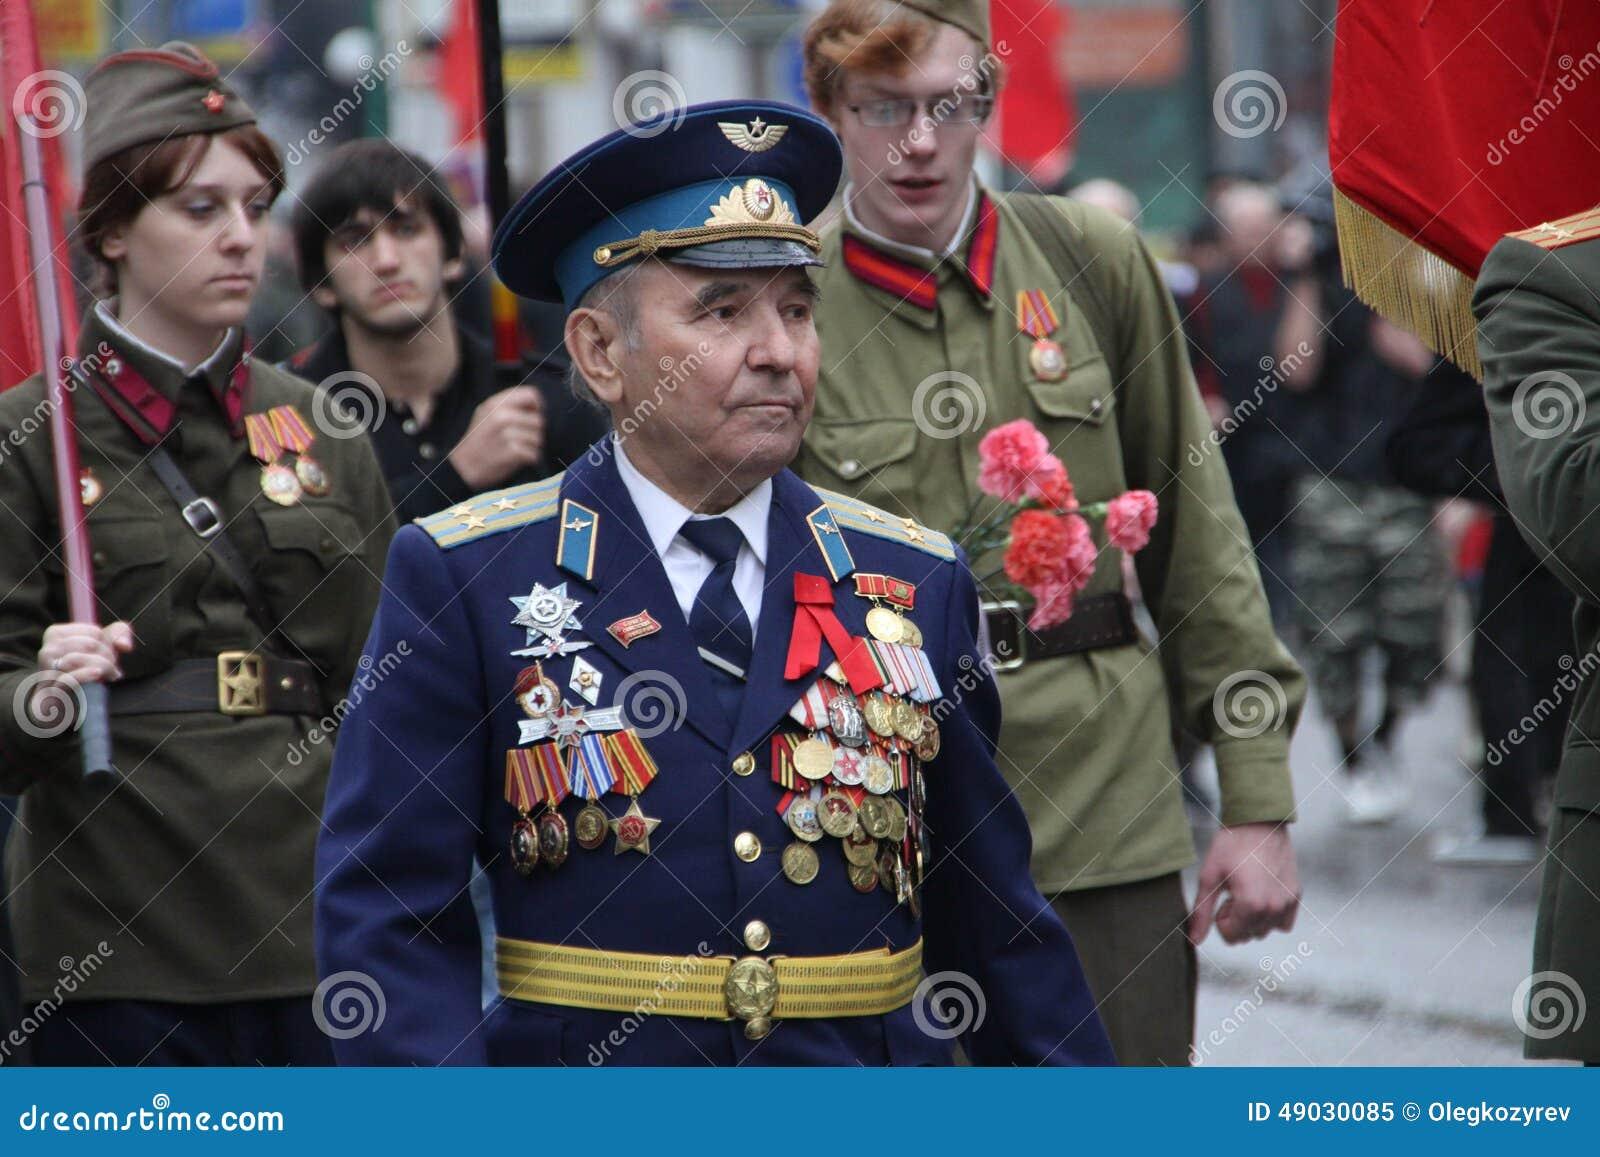 Cortège des communistes à Moscou